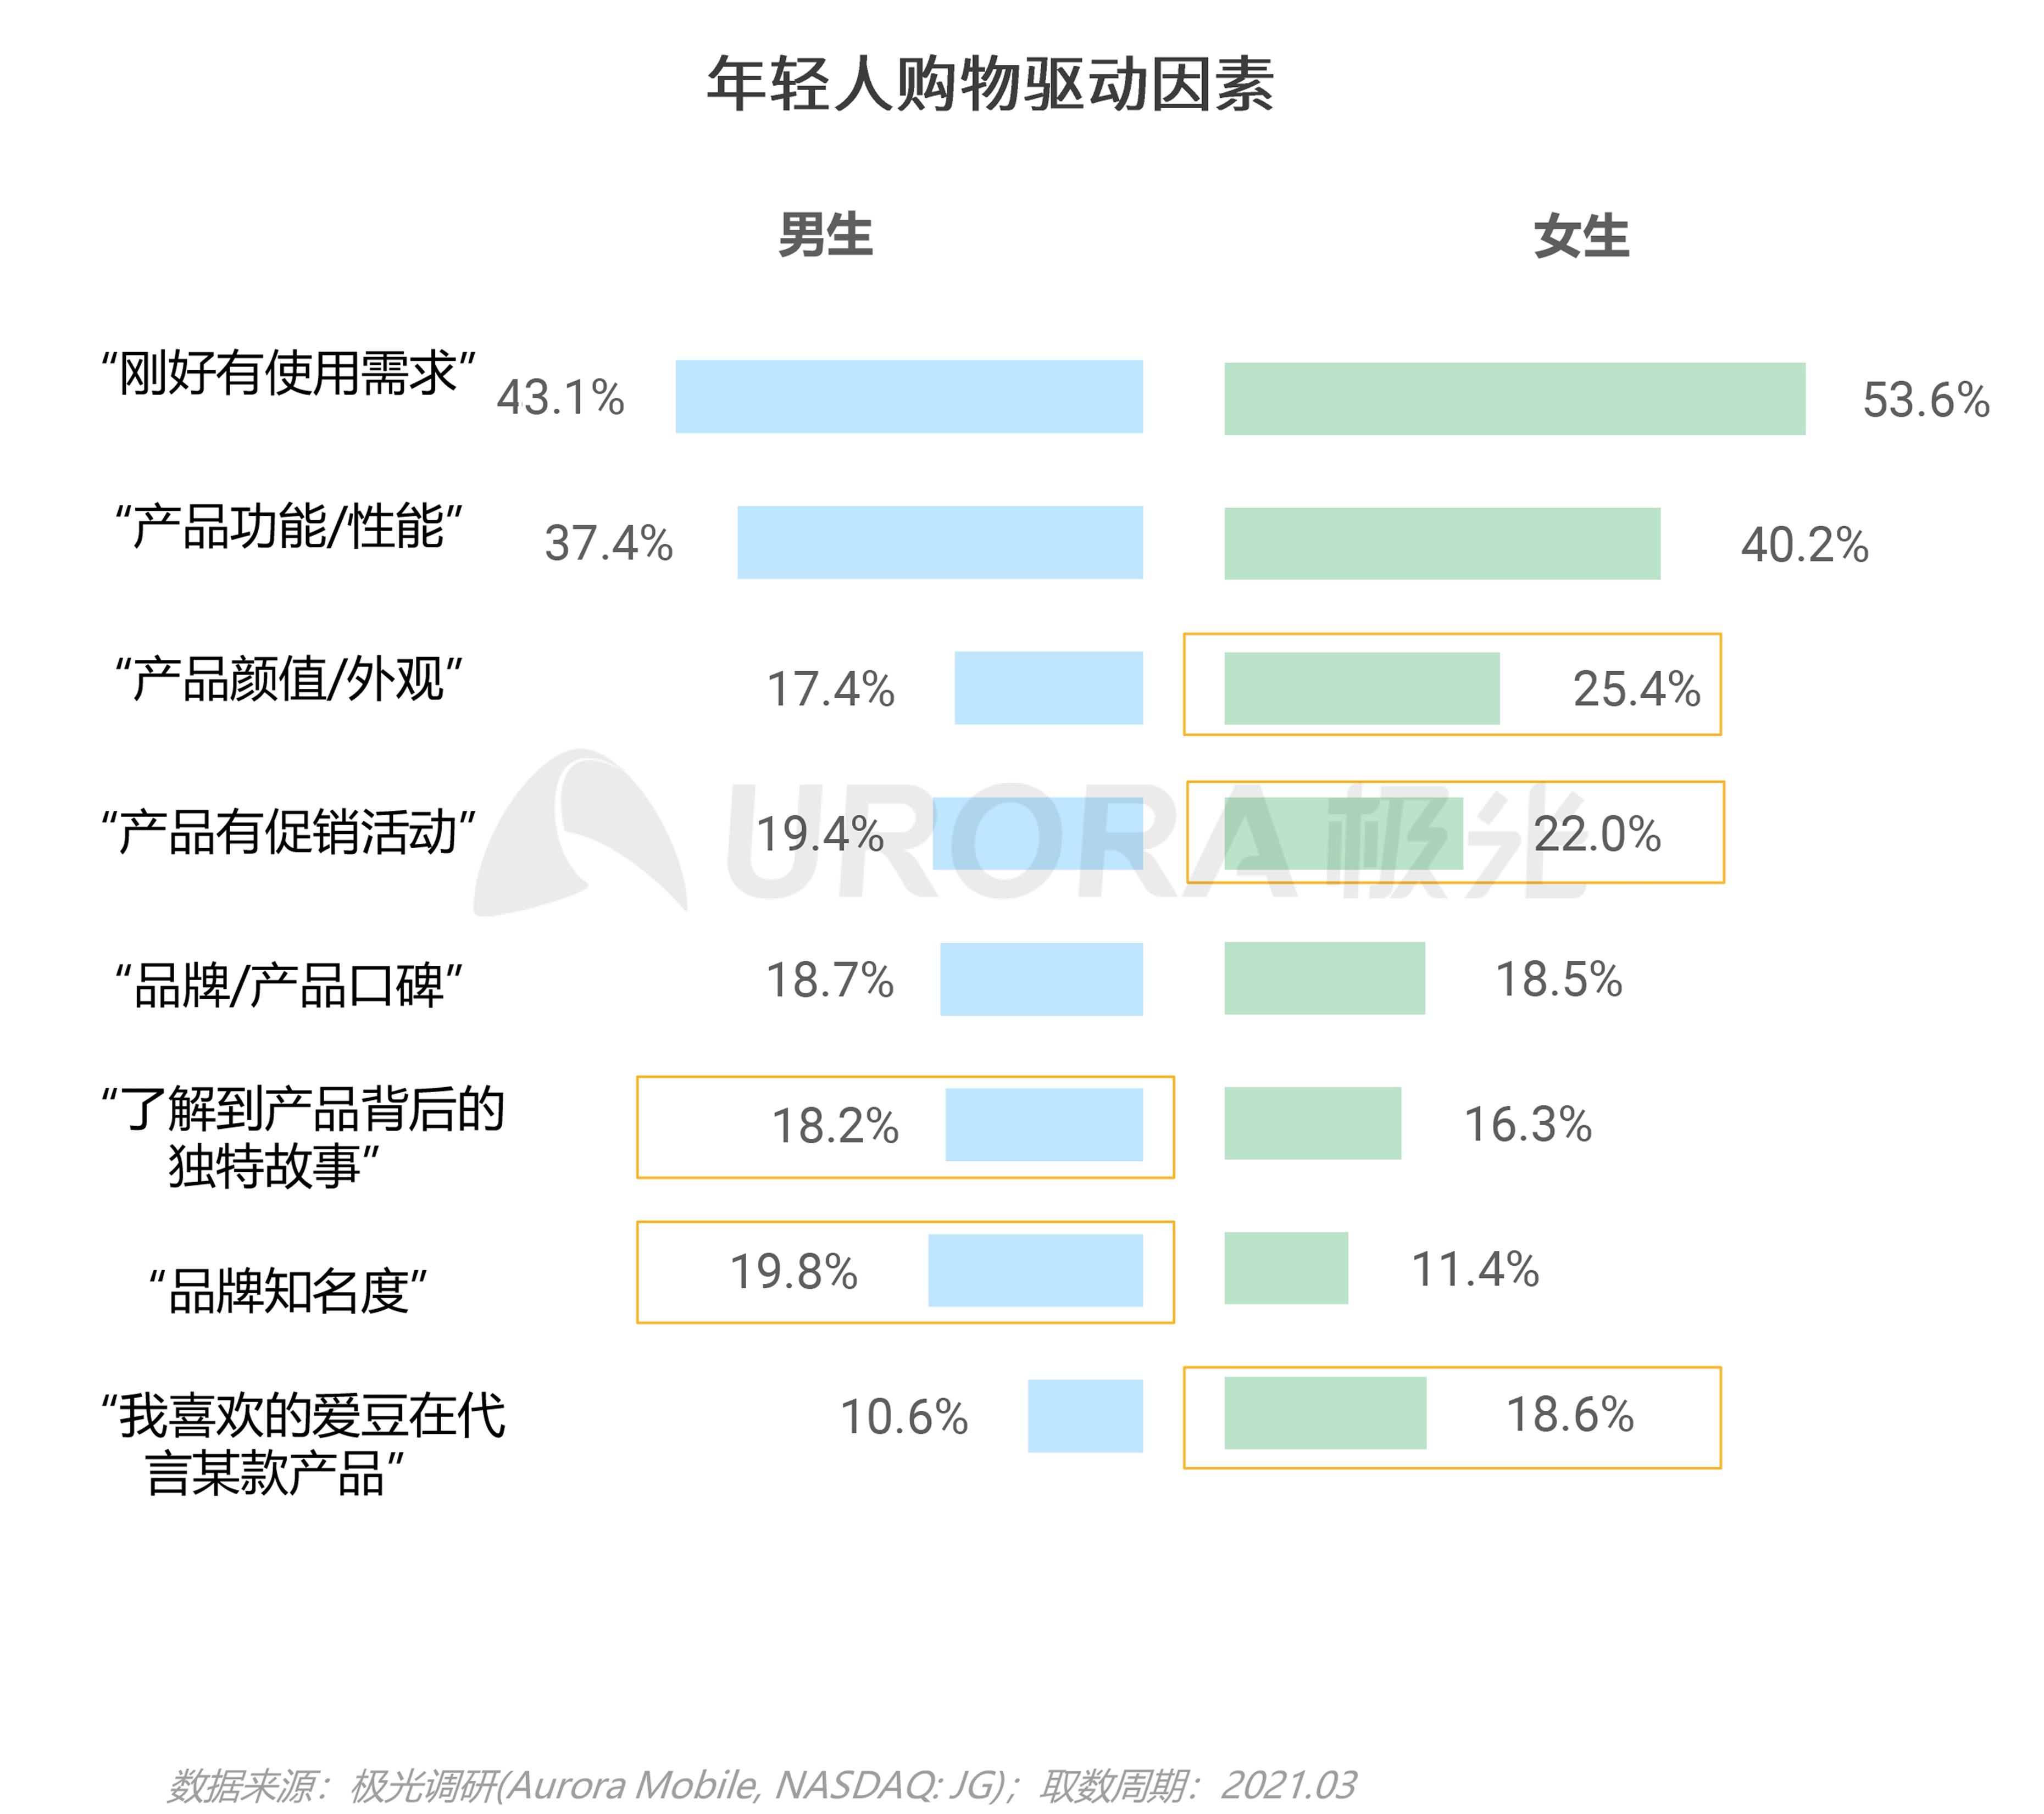 2021年轻人营销趋势研究报告【定稿】-51.png